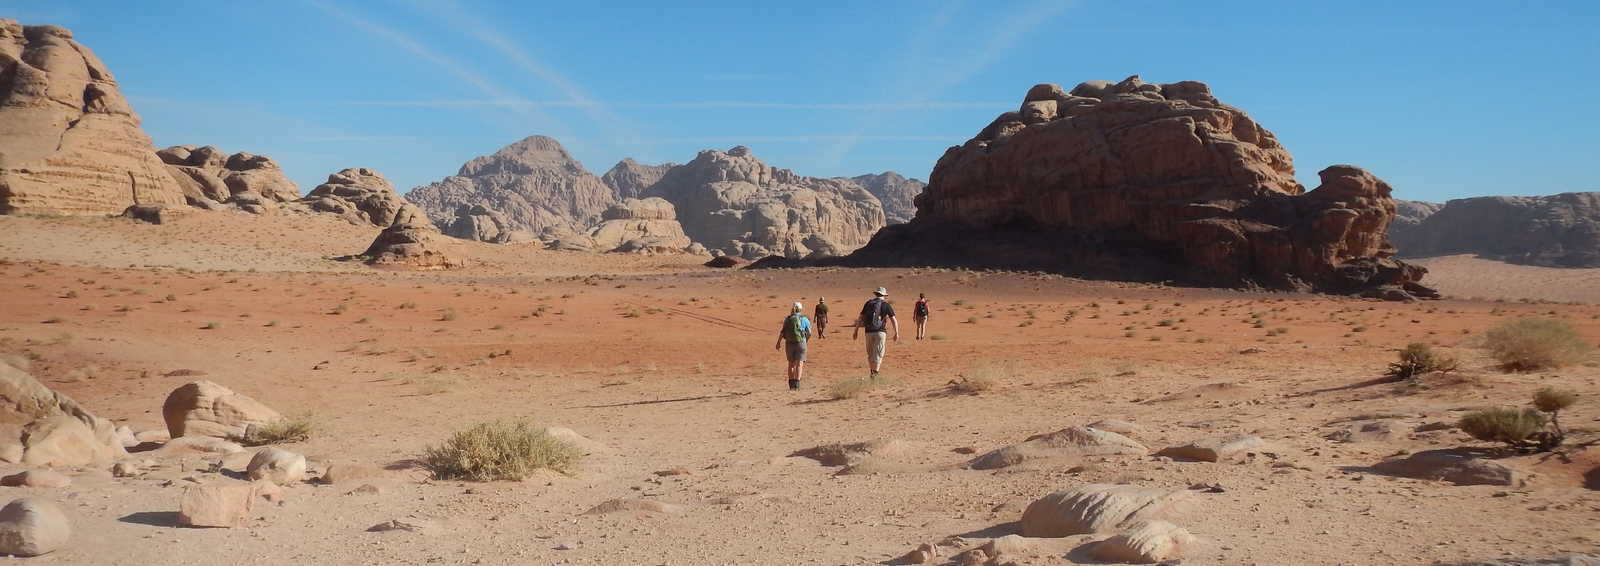 Trekking through the Wadi Rum